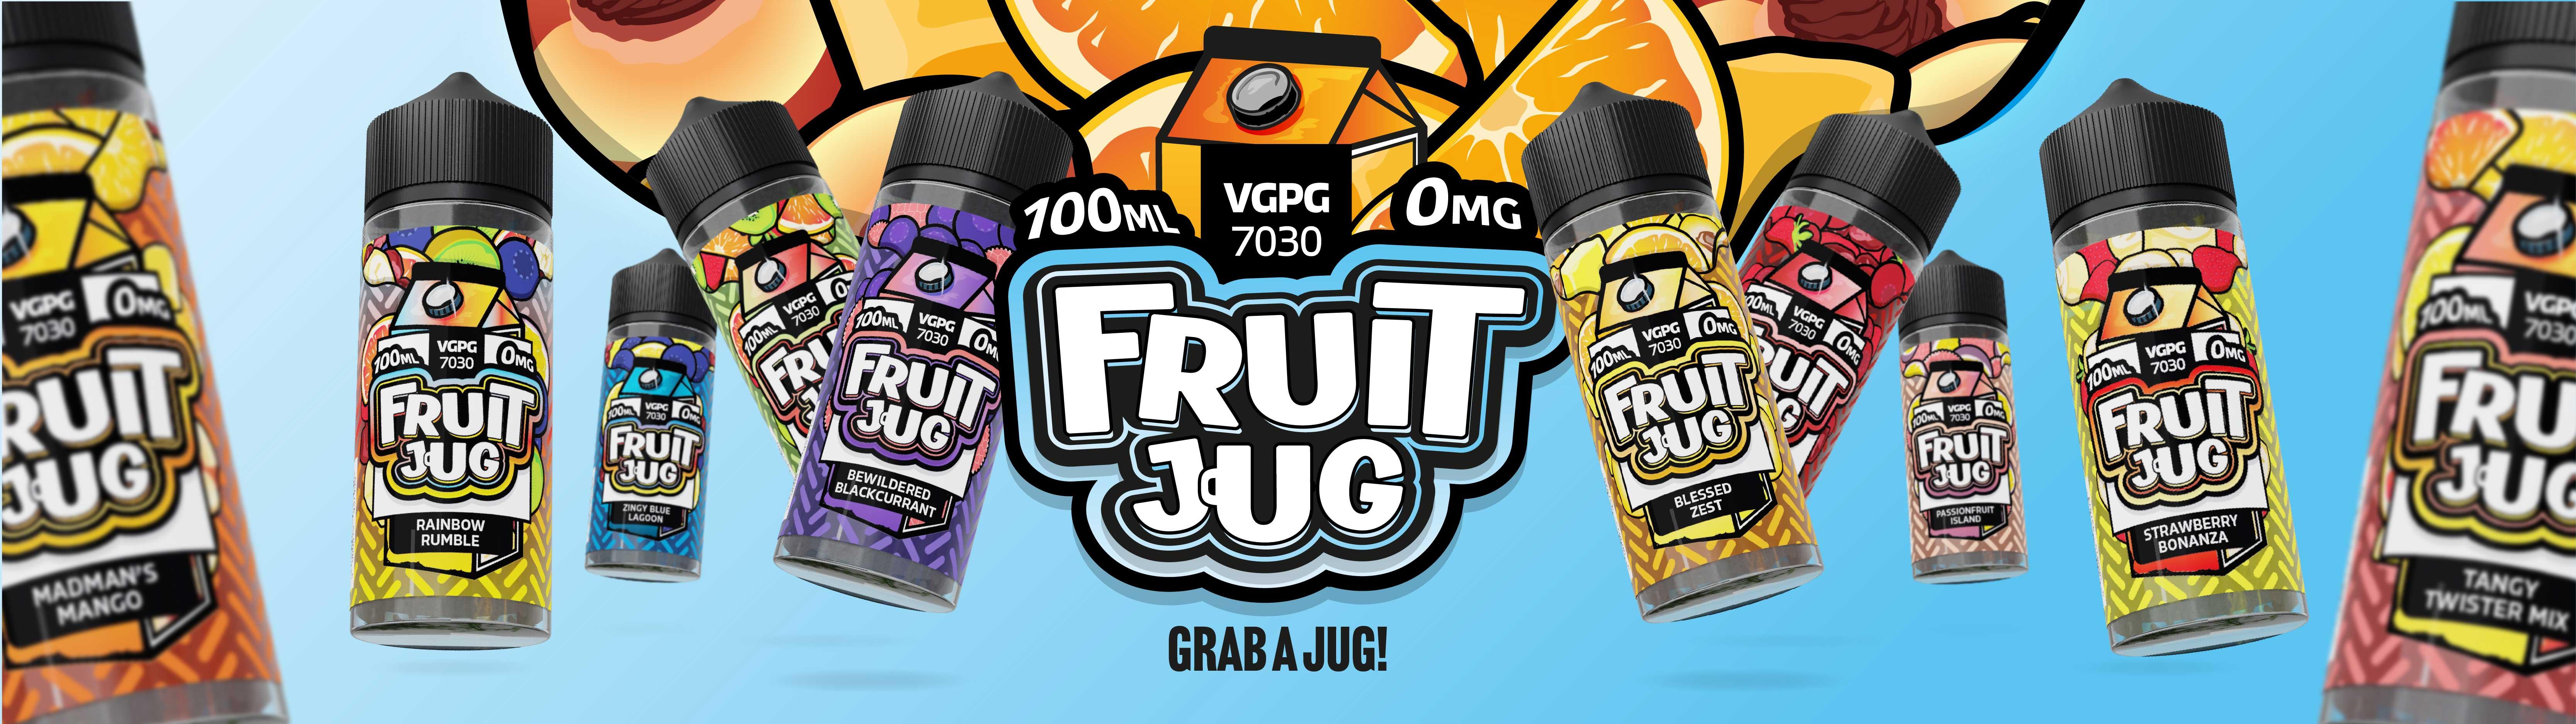 Fruit Jug E-liquid